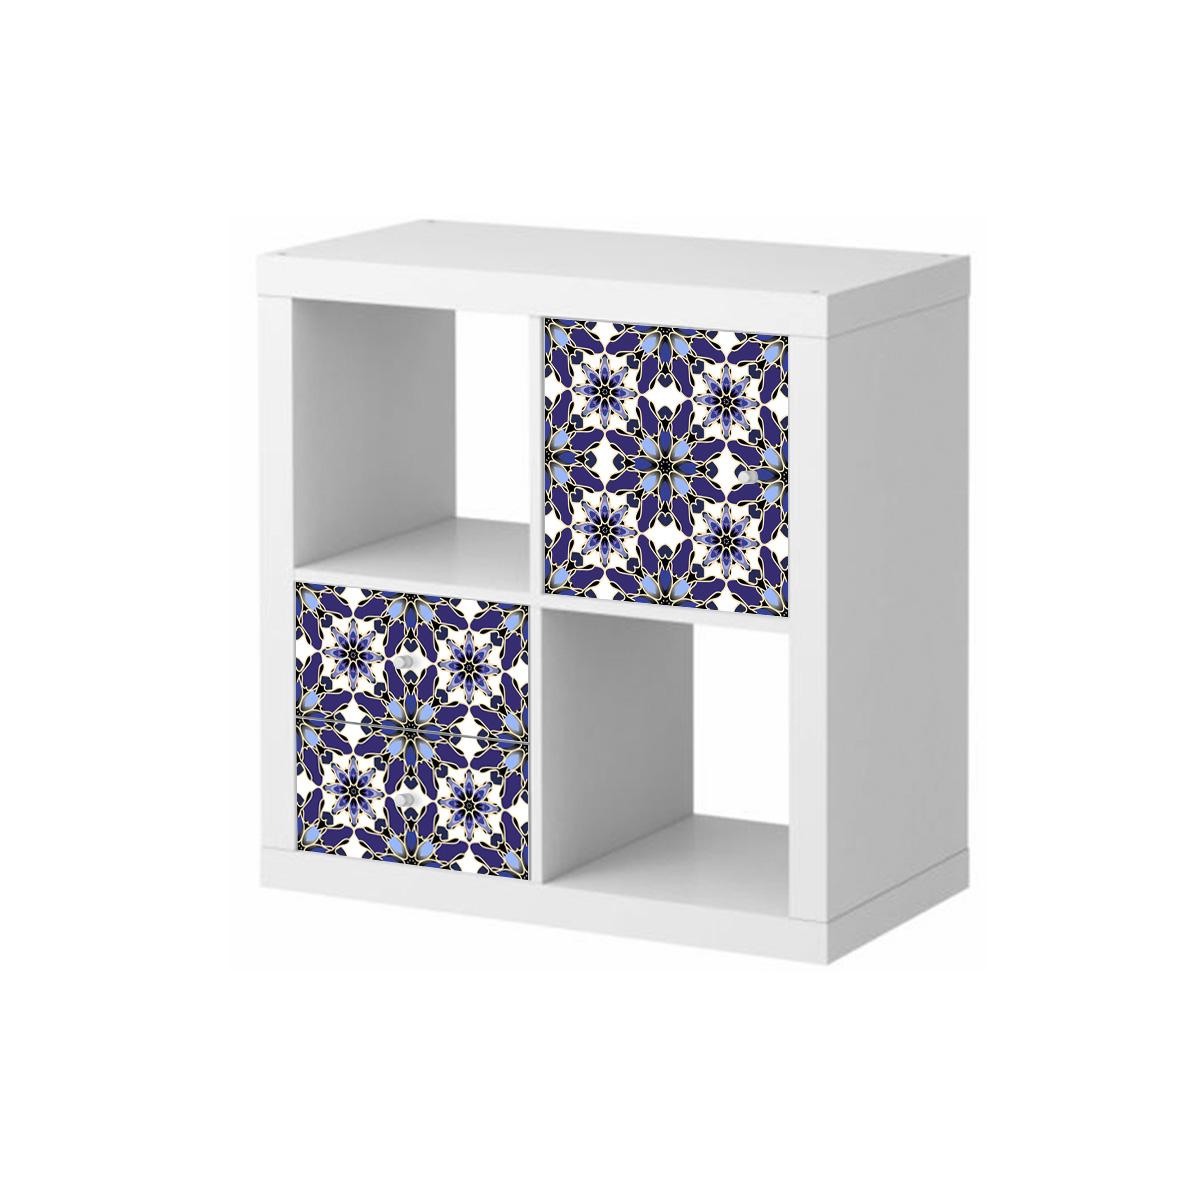 Vinilos muebles Ikea Vidrieras en azul